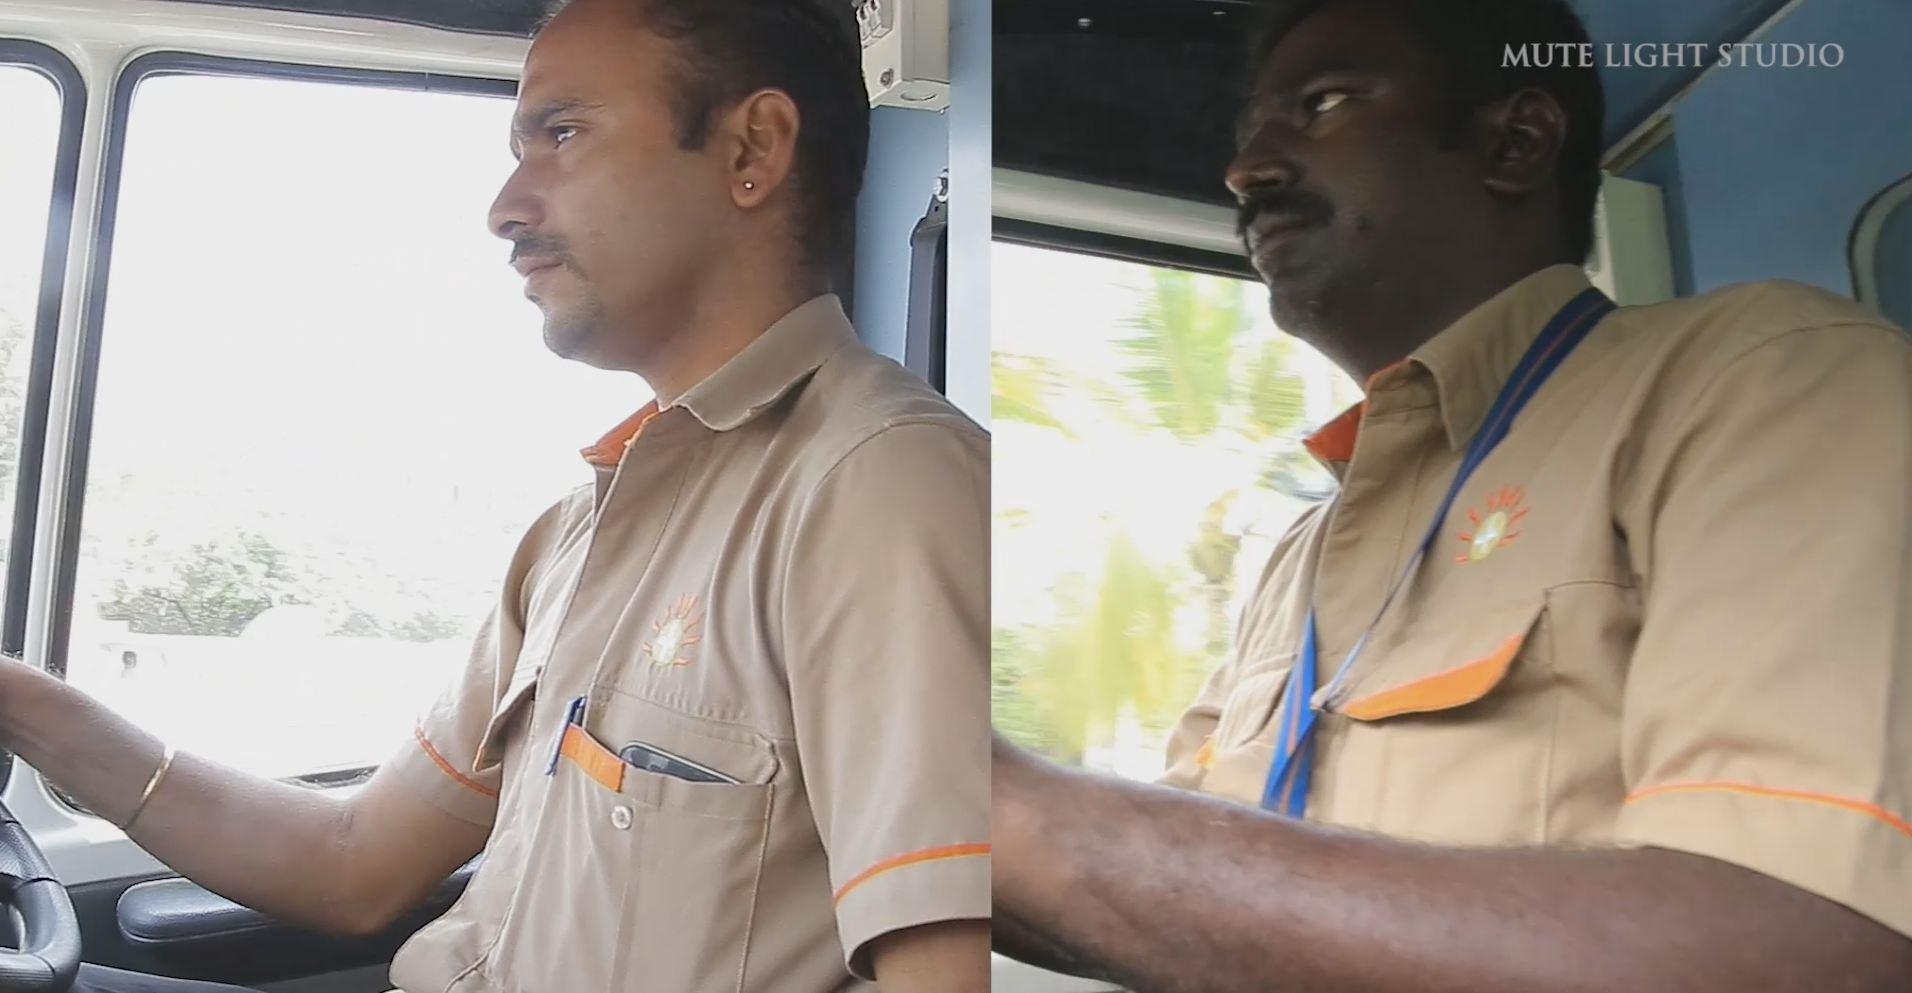 ஆம்புலன்ஸ் டிரைவர்கள் சுரேஷ் மற்றும் ராபின்